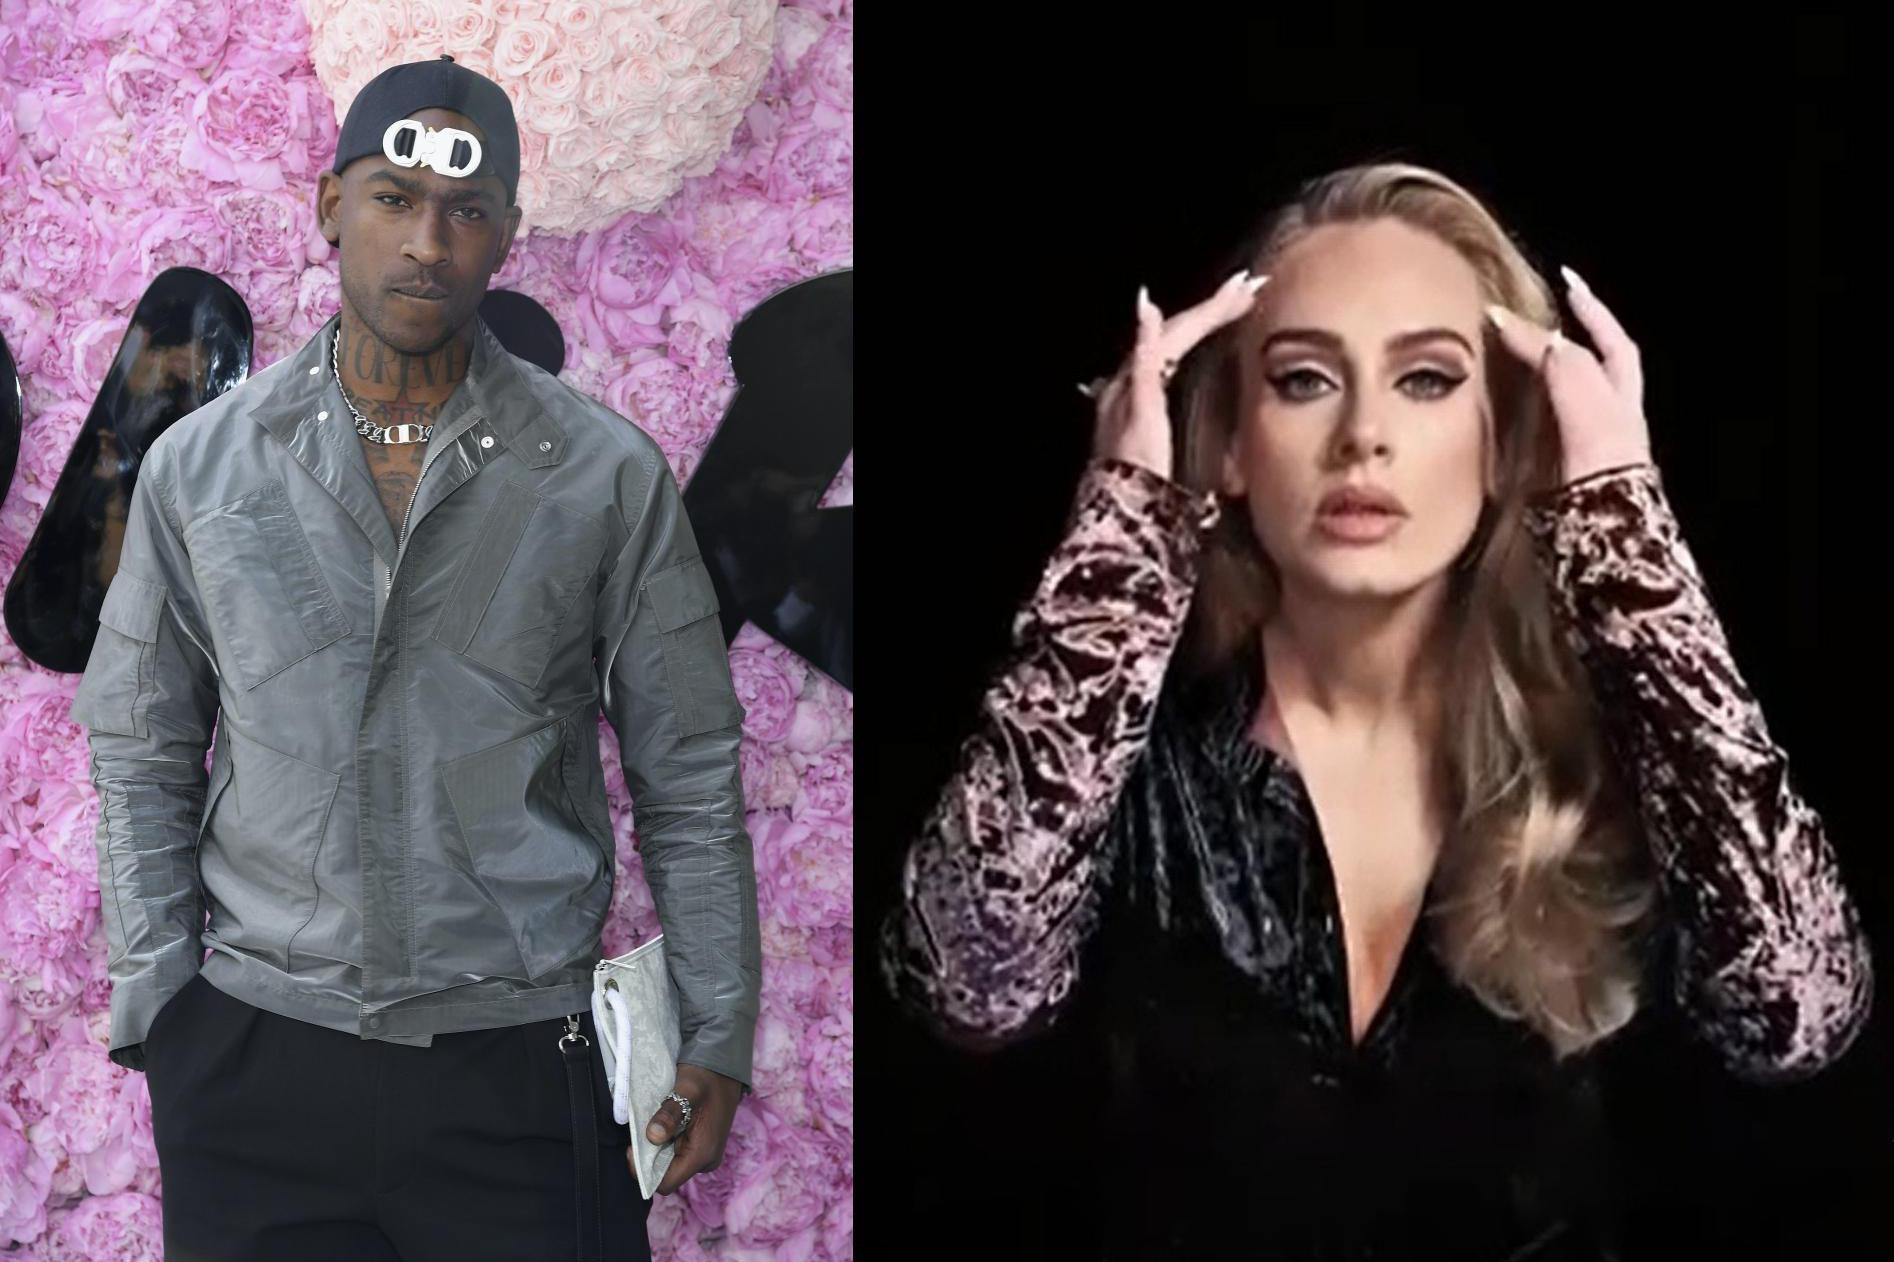 阿黛尔与嘻哈巨星关系密切,减肥后的她不但美丽,还将收获爱情?